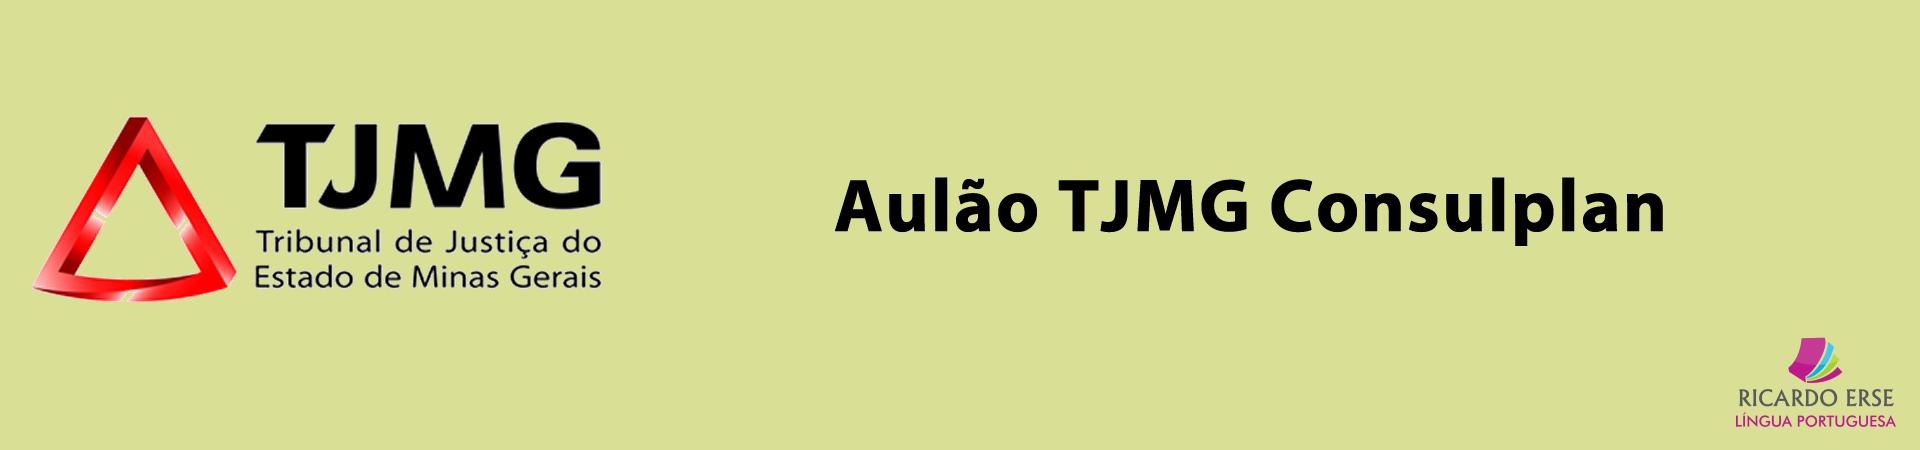 Aulão TJMG